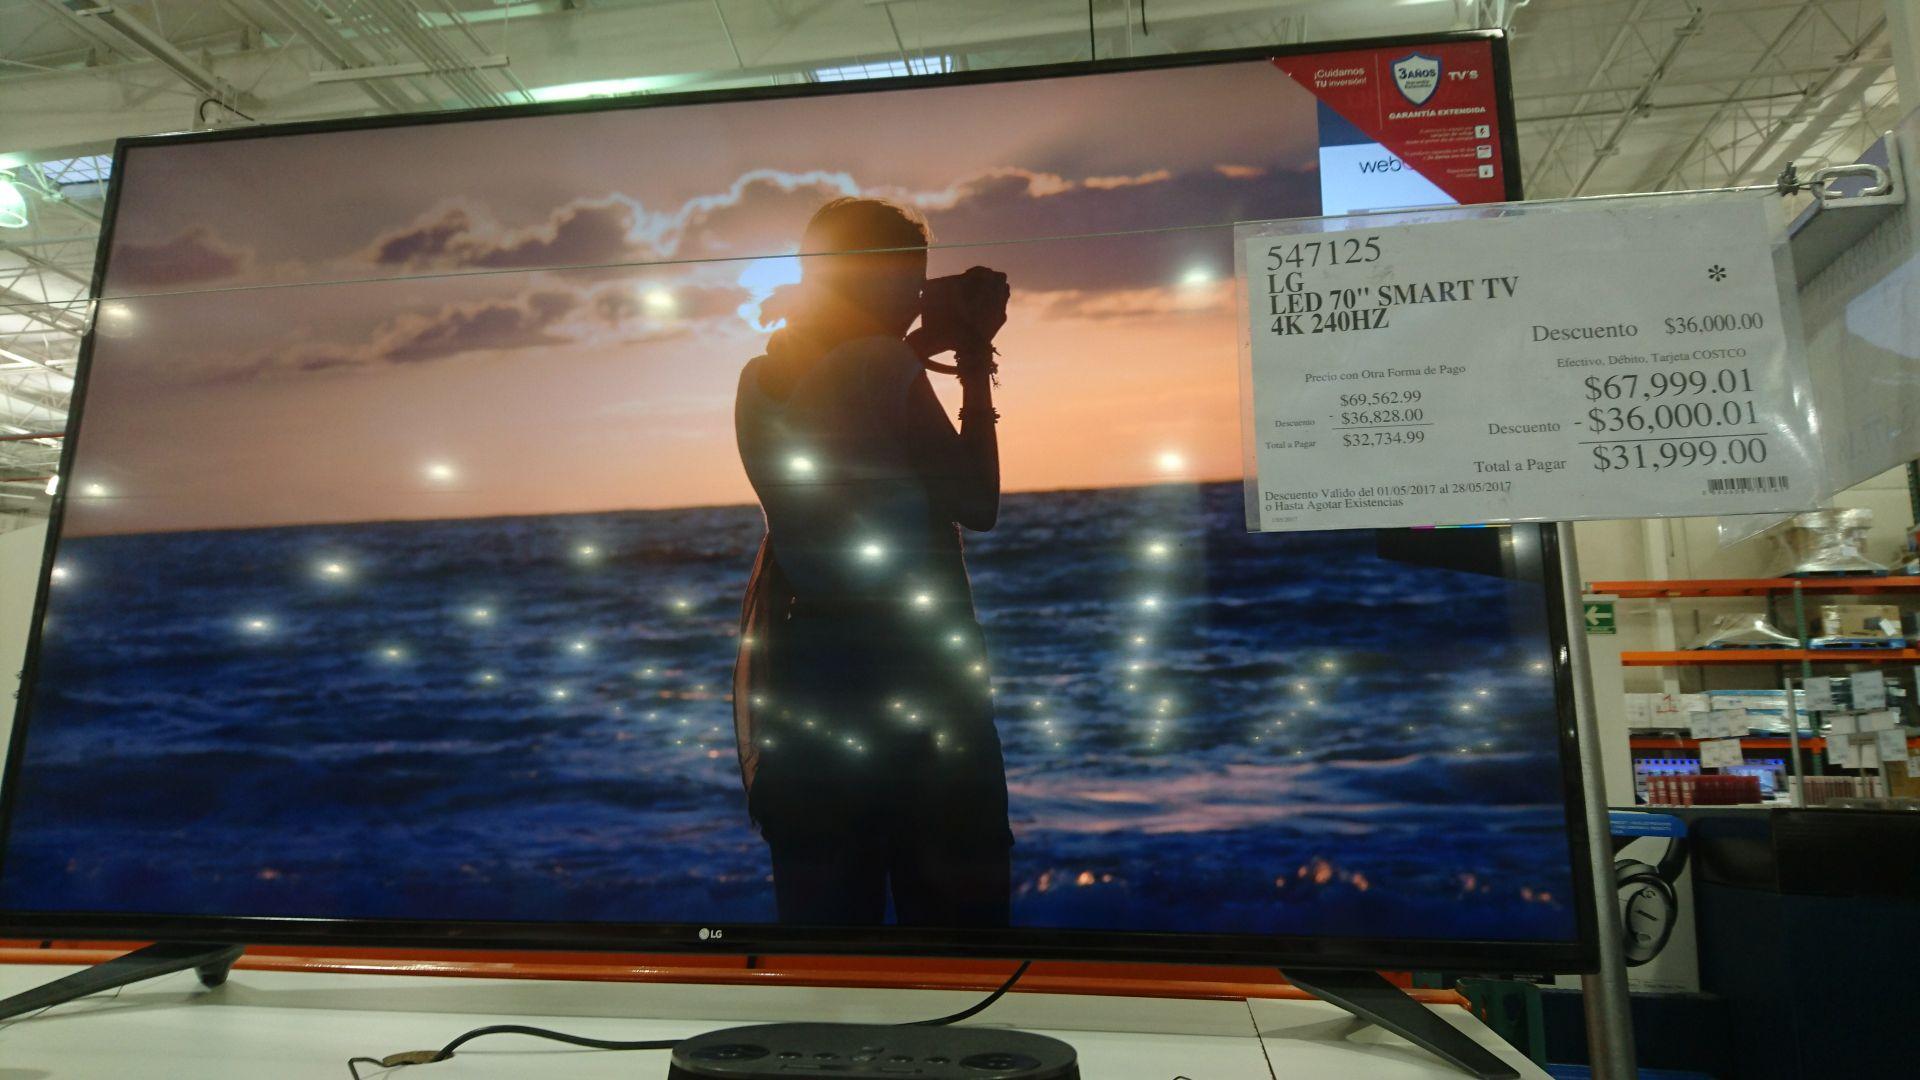 """Costco: Smart tv LG 70"""" 4k 240 hz de 67999 a 31999"""